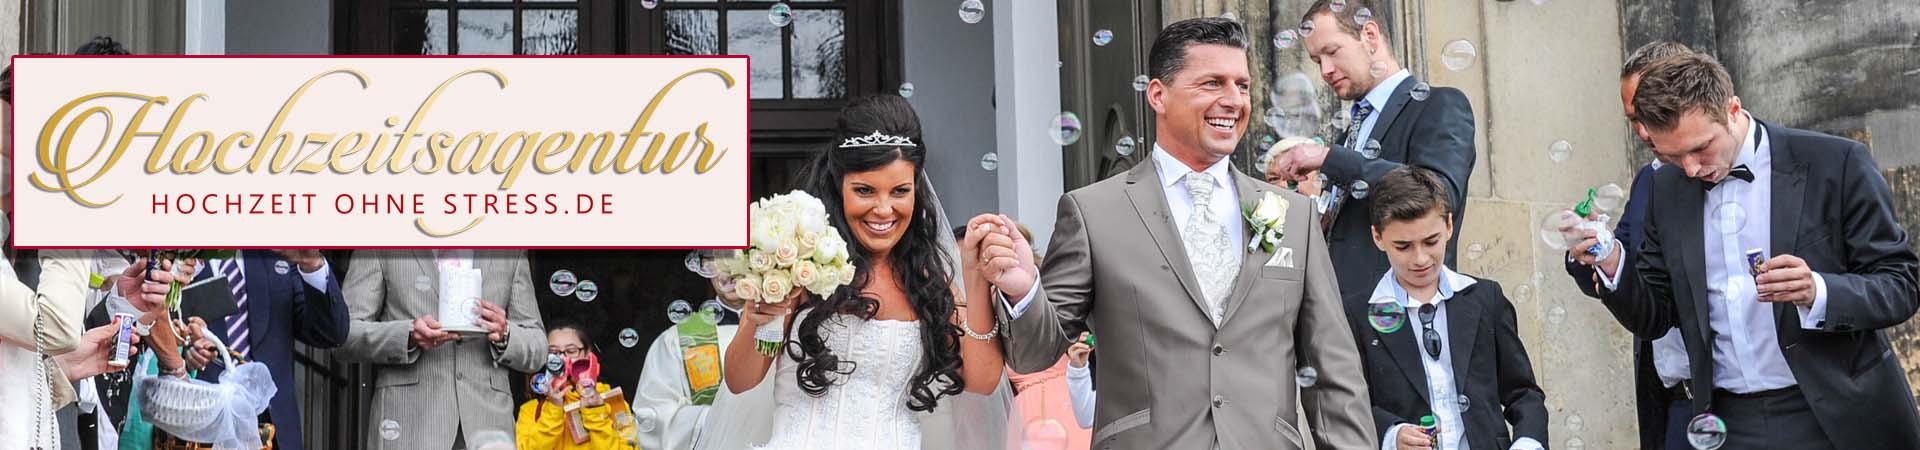 Hochzeitsplaner-Dresden-Hochzeitsagentur-HochzeitOhneStress-Bild02b